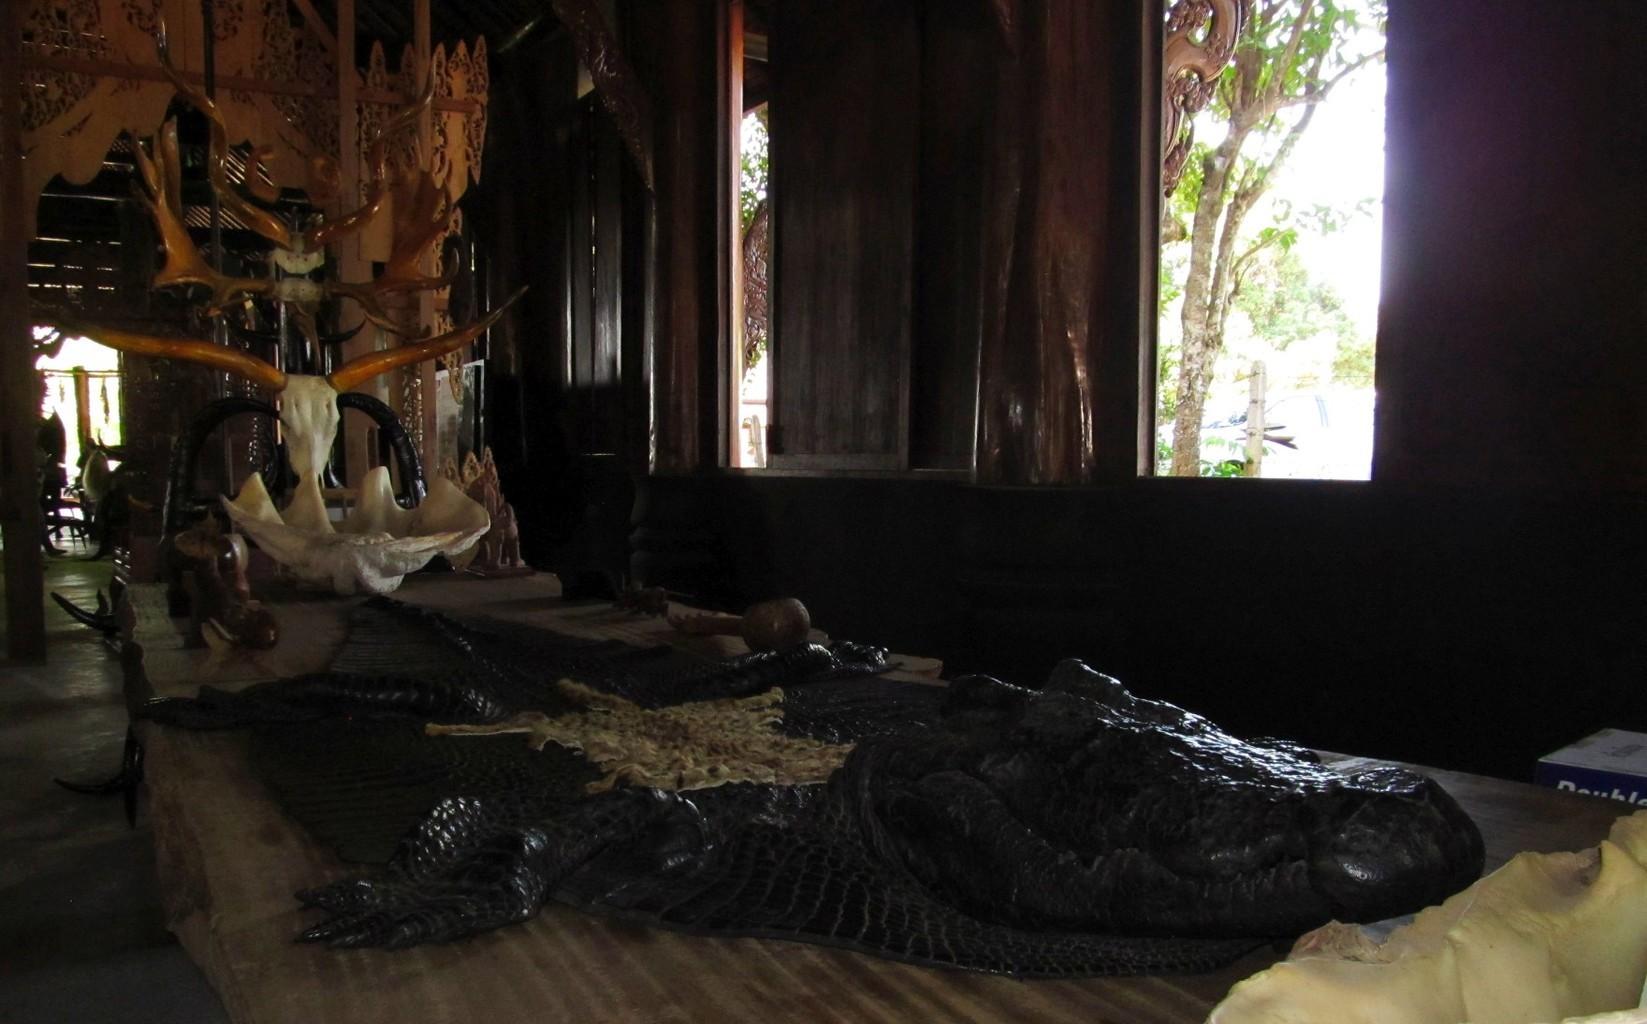 Krokodýlí kůže, lastury Zévy Obrovské¨- interiér - Černý klášter - Chiang Rai - Thajsko